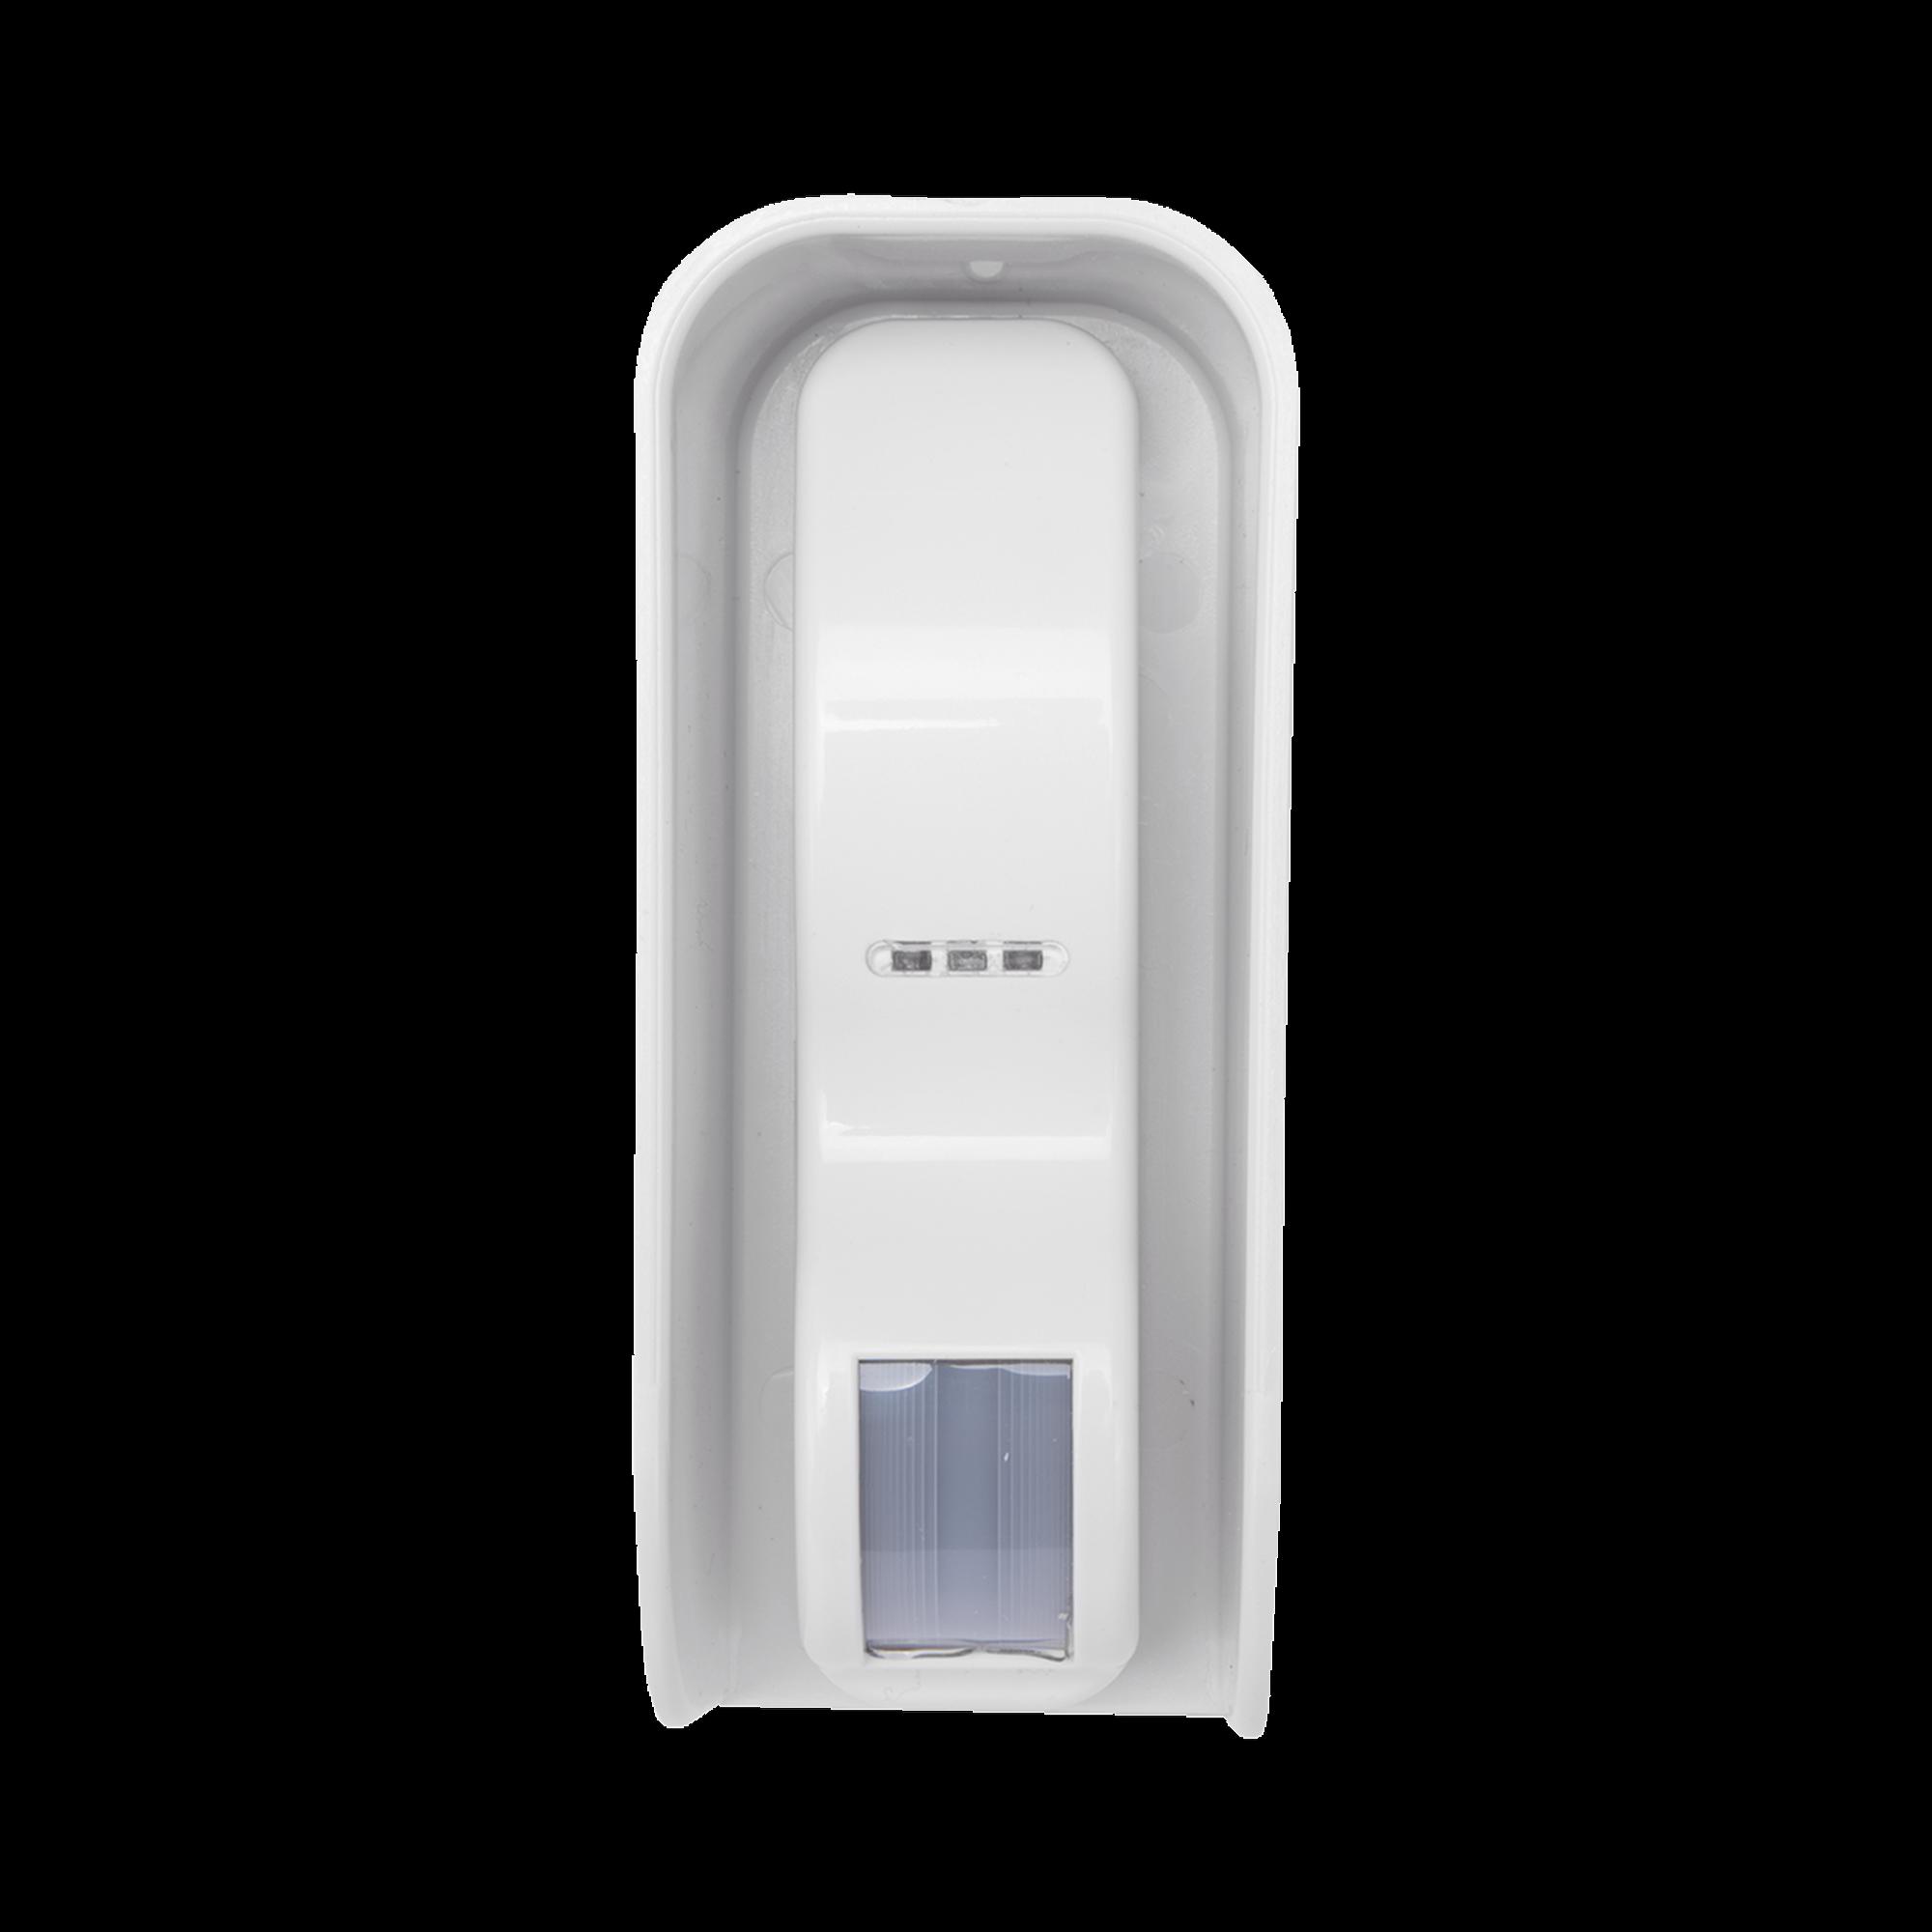 Sensor de Movimiento Tipo Cortina / 100 % Exterior / Alimentado por baterias / Doble tecnologia MW & PIR / Compatible con cualquier panel de alarma